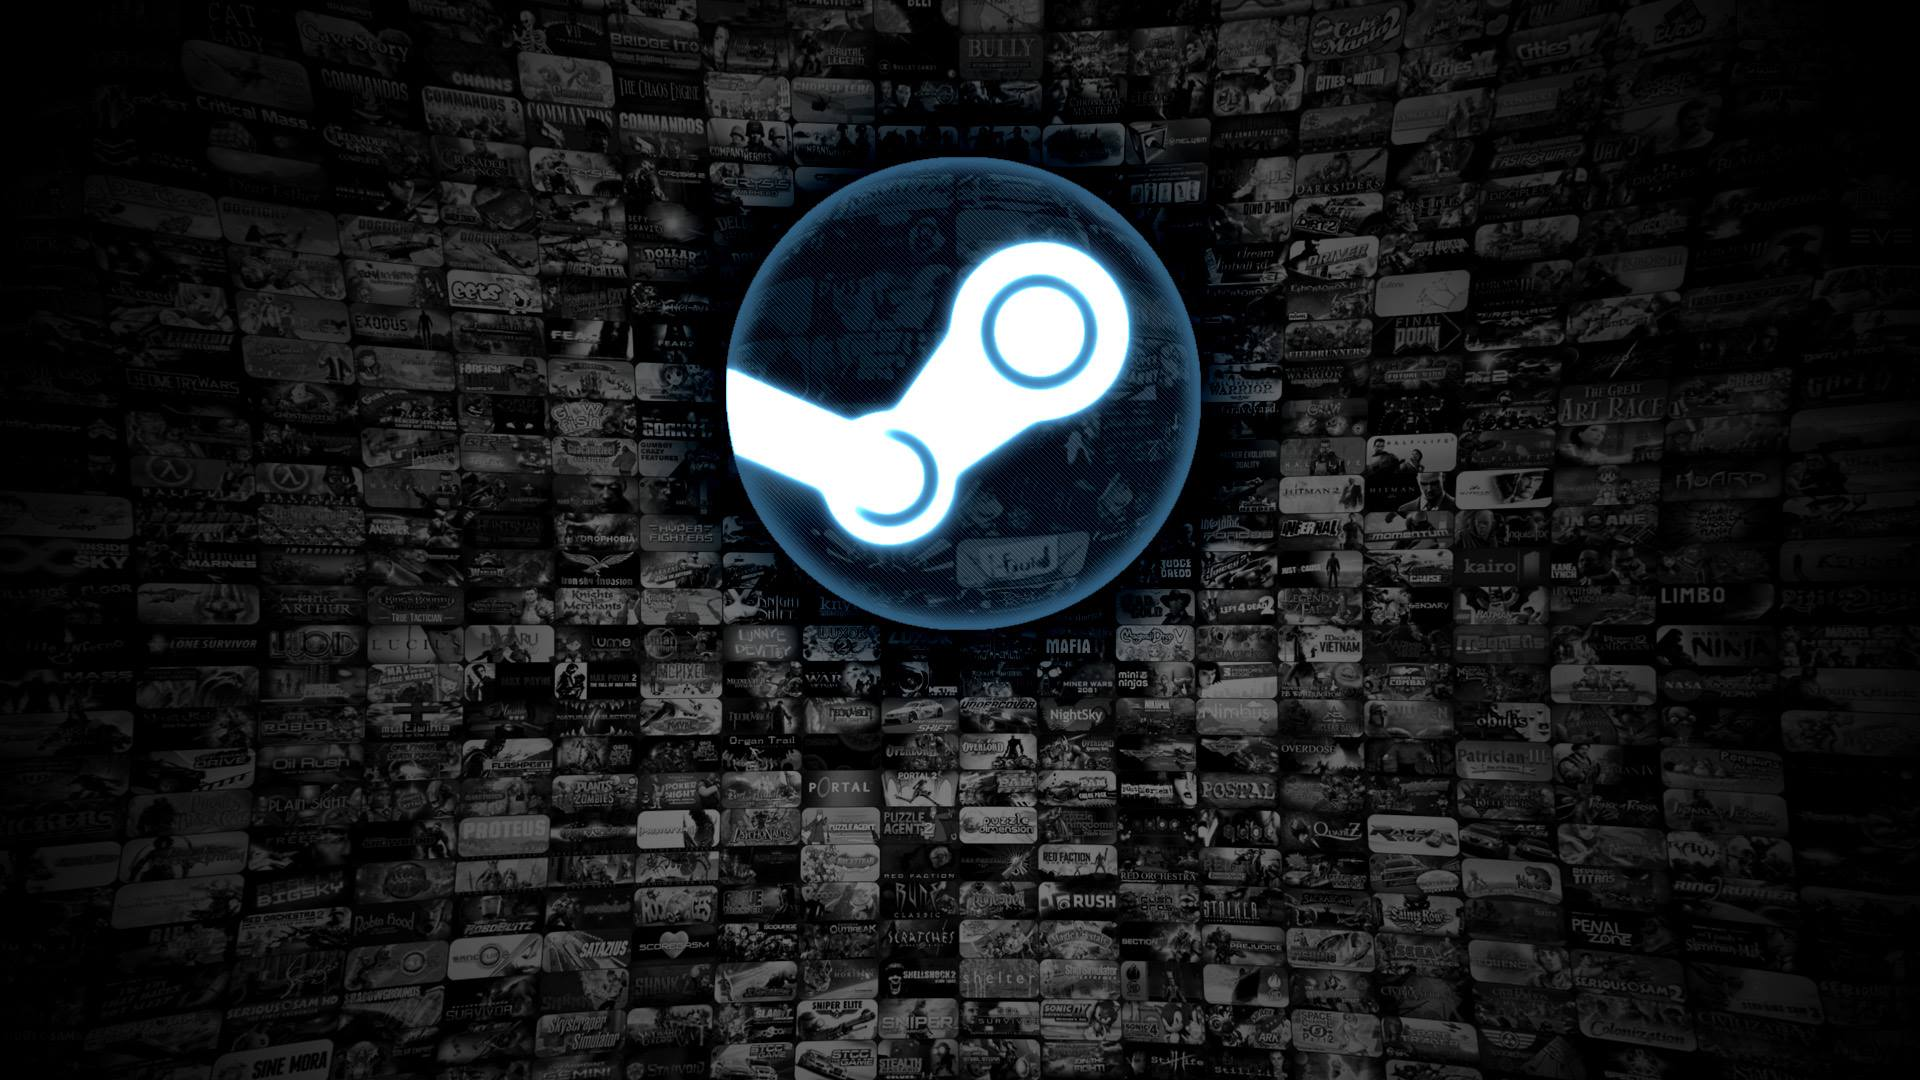 Valve descobre e inviabiliza abusos de datas de lançamento no Steam